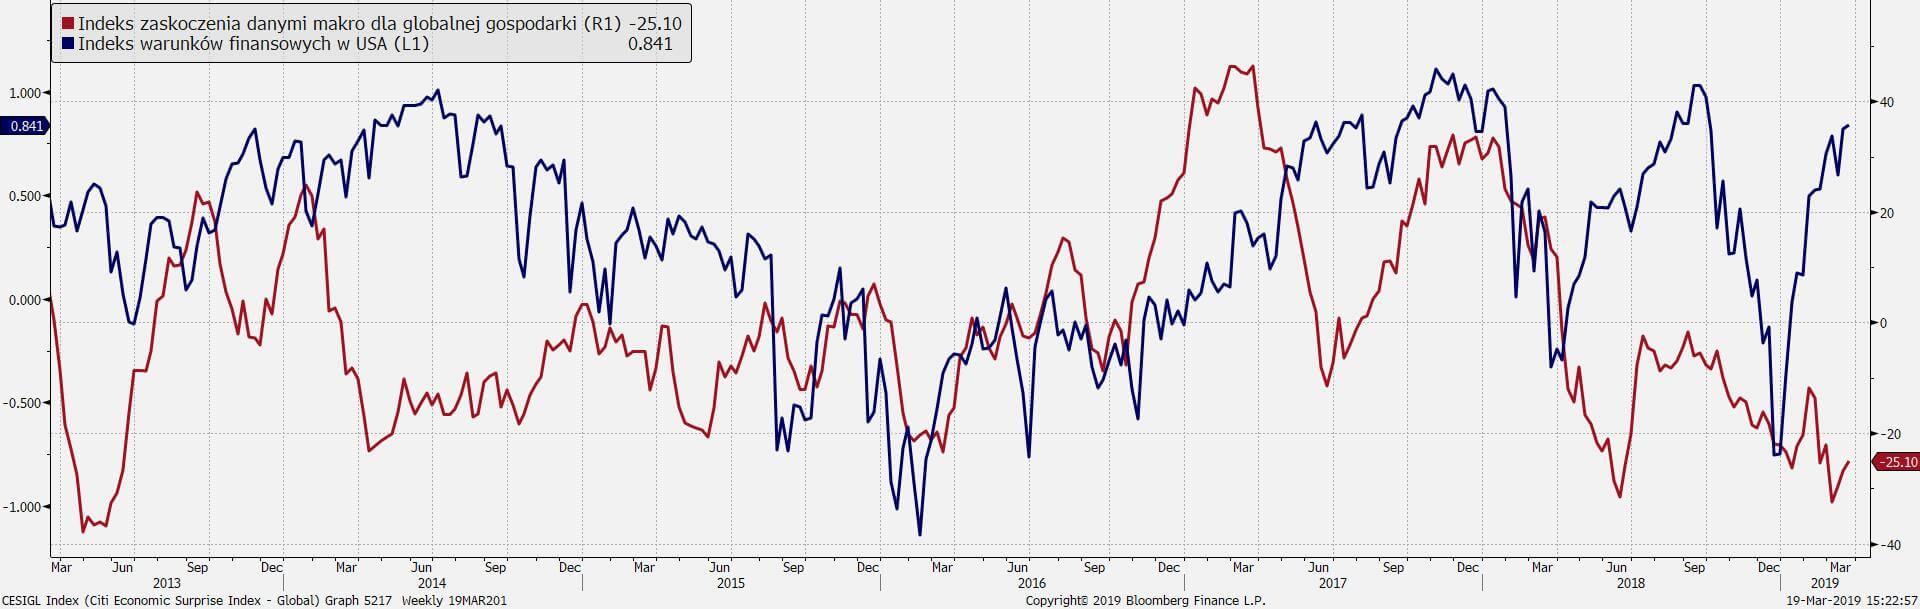 Warunki finansowe w USA i poziom zaskoczenia danymi makro dla globalnej gospodarki